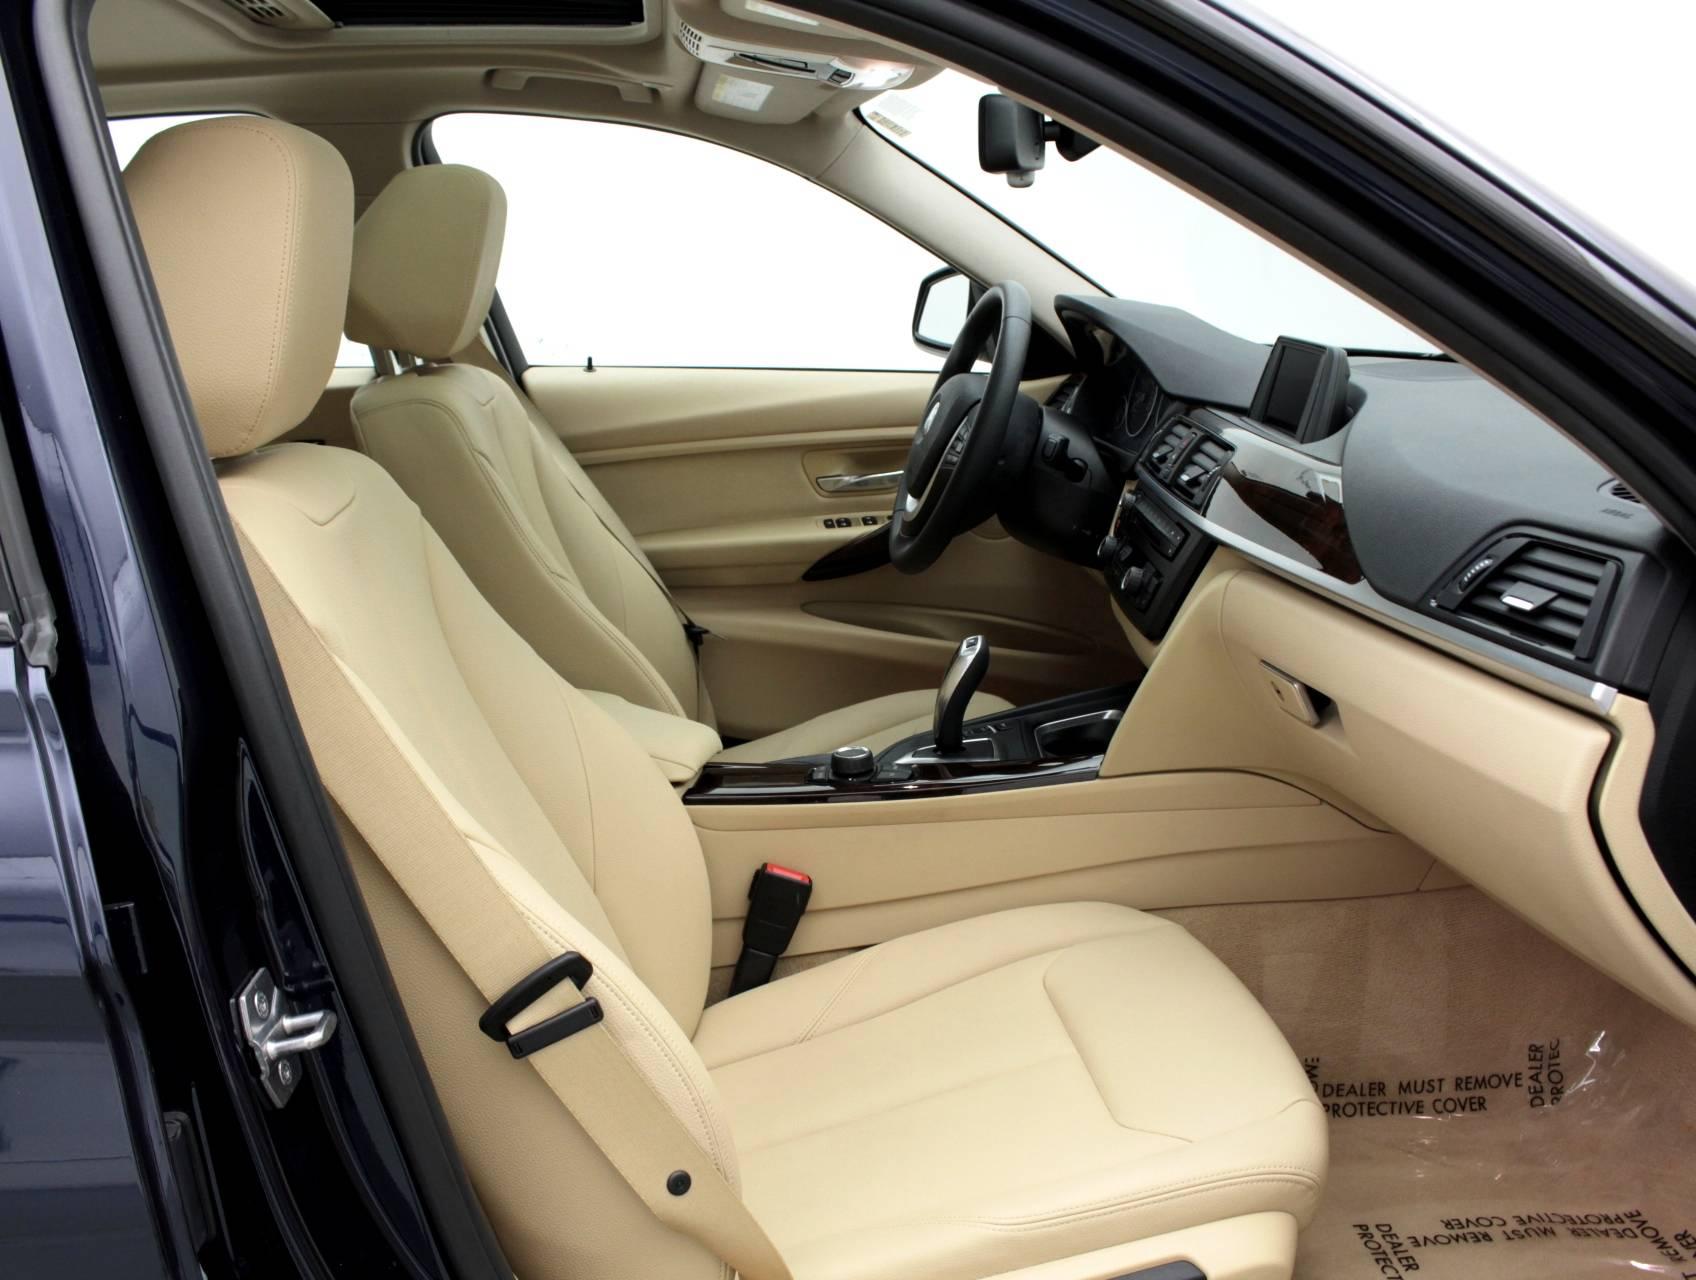 Used 2015 Bmw 3 Series 328i Sedan For Sale In Miami Fl